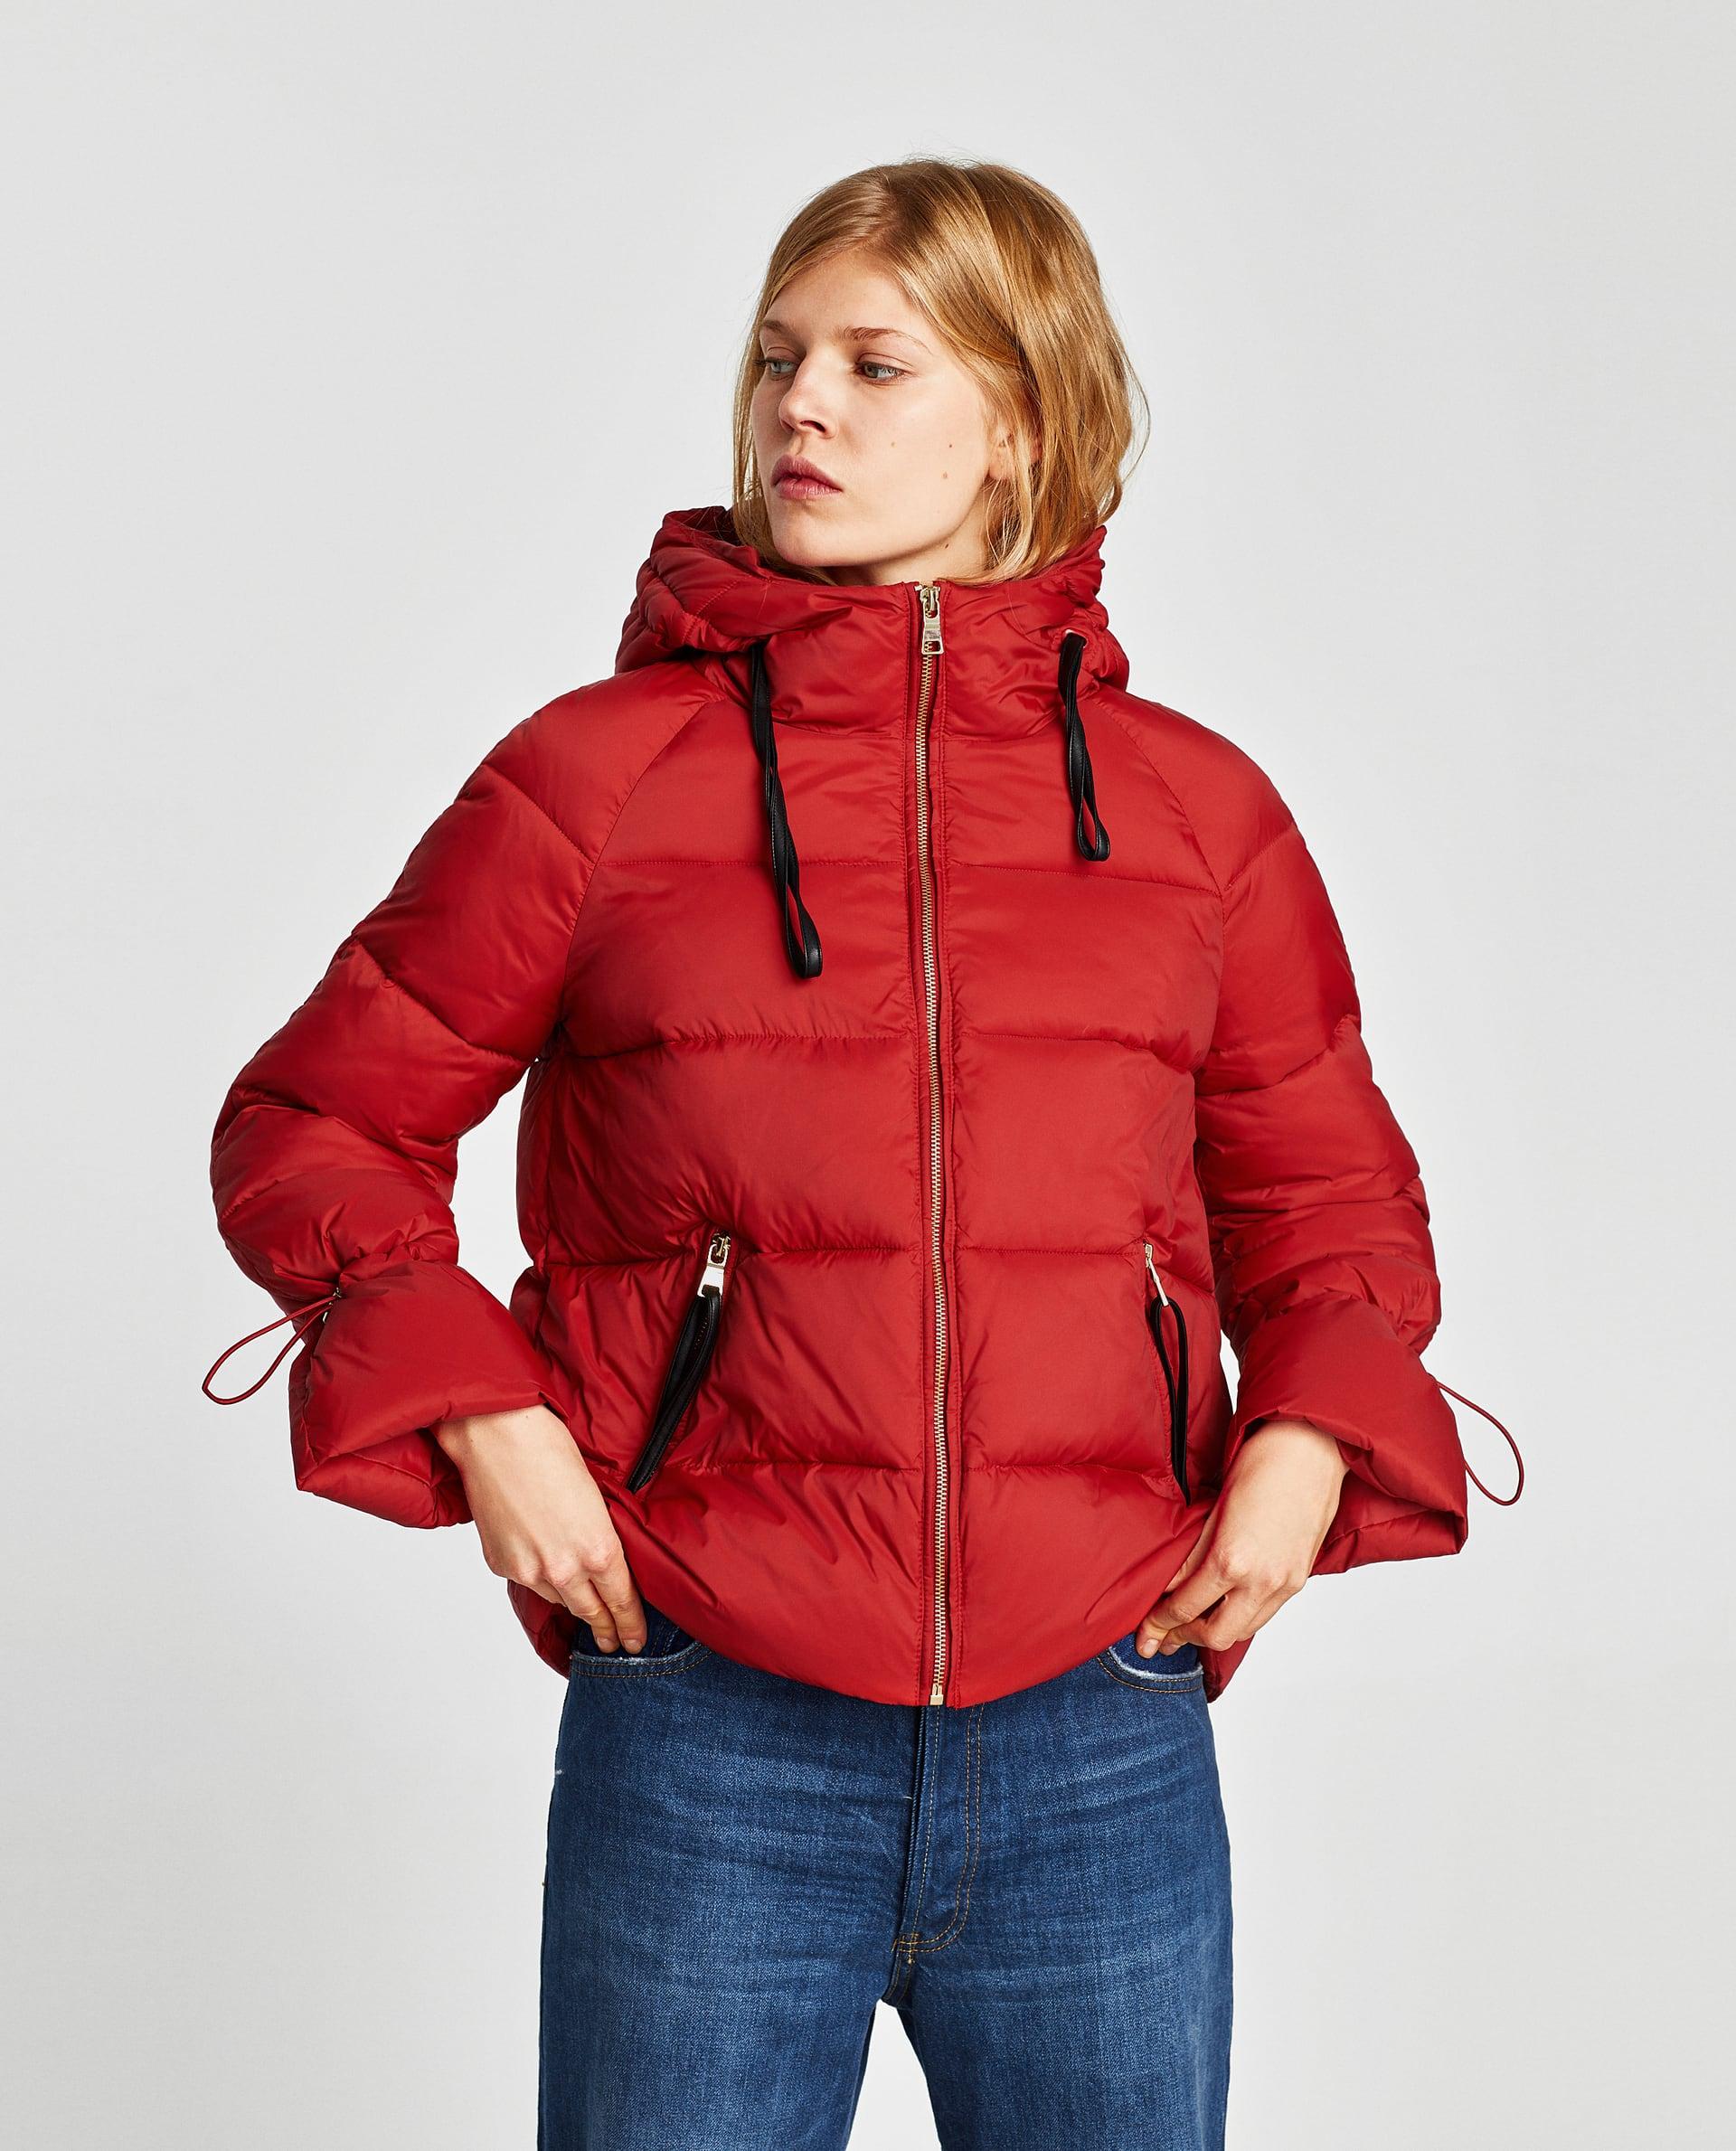 Piumino rosso Zara saldi invernali 2018